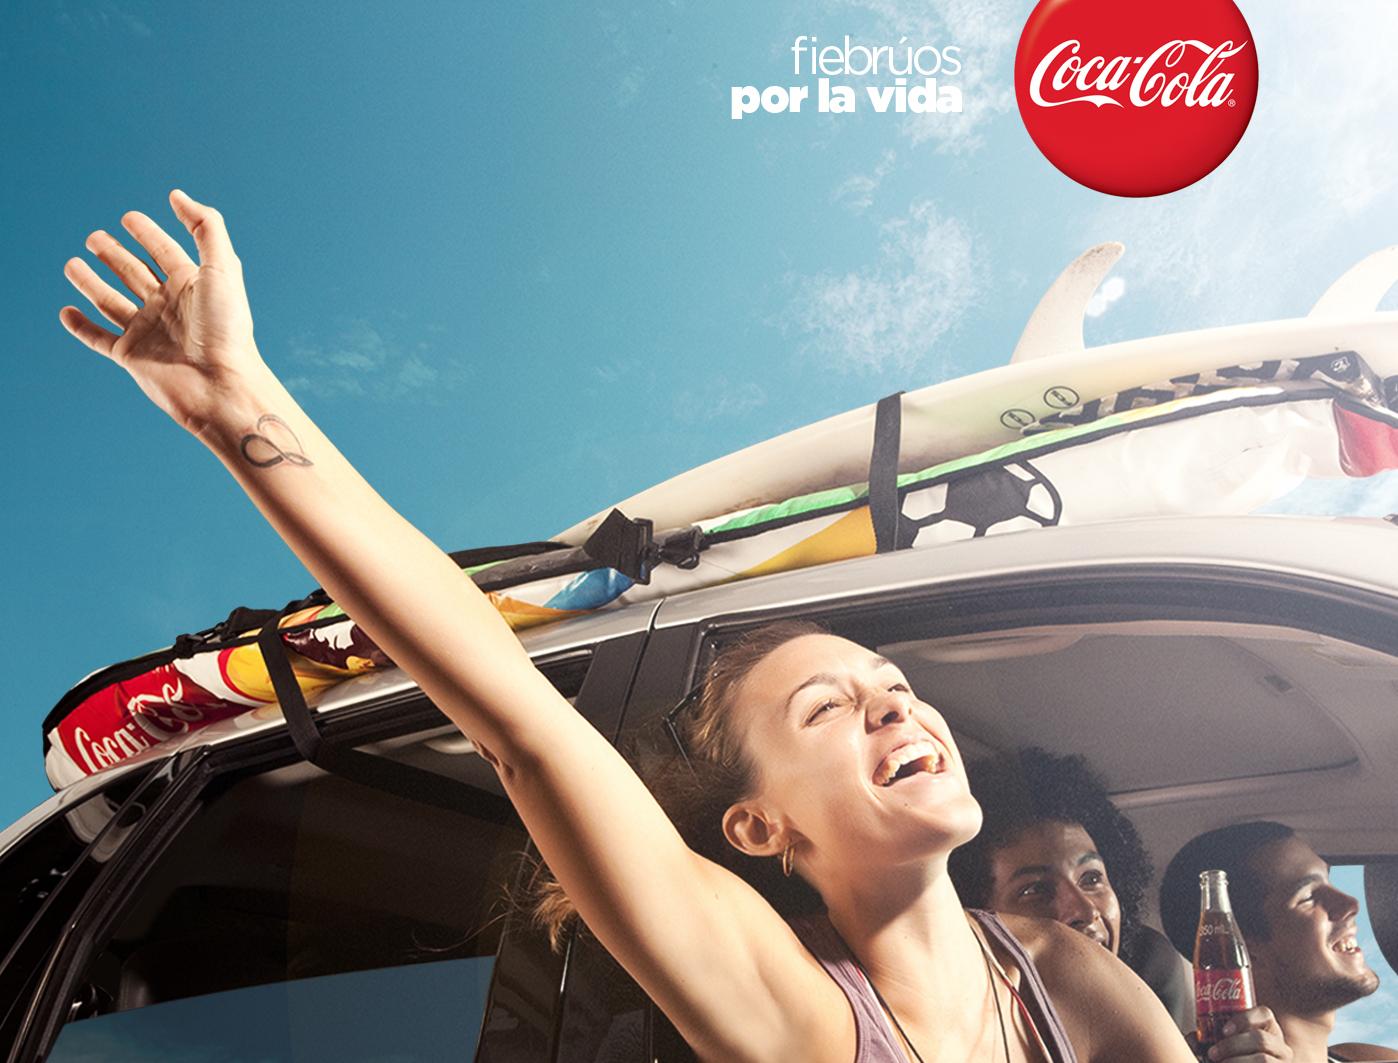 Campaña Fiebrúos Coca-Cola